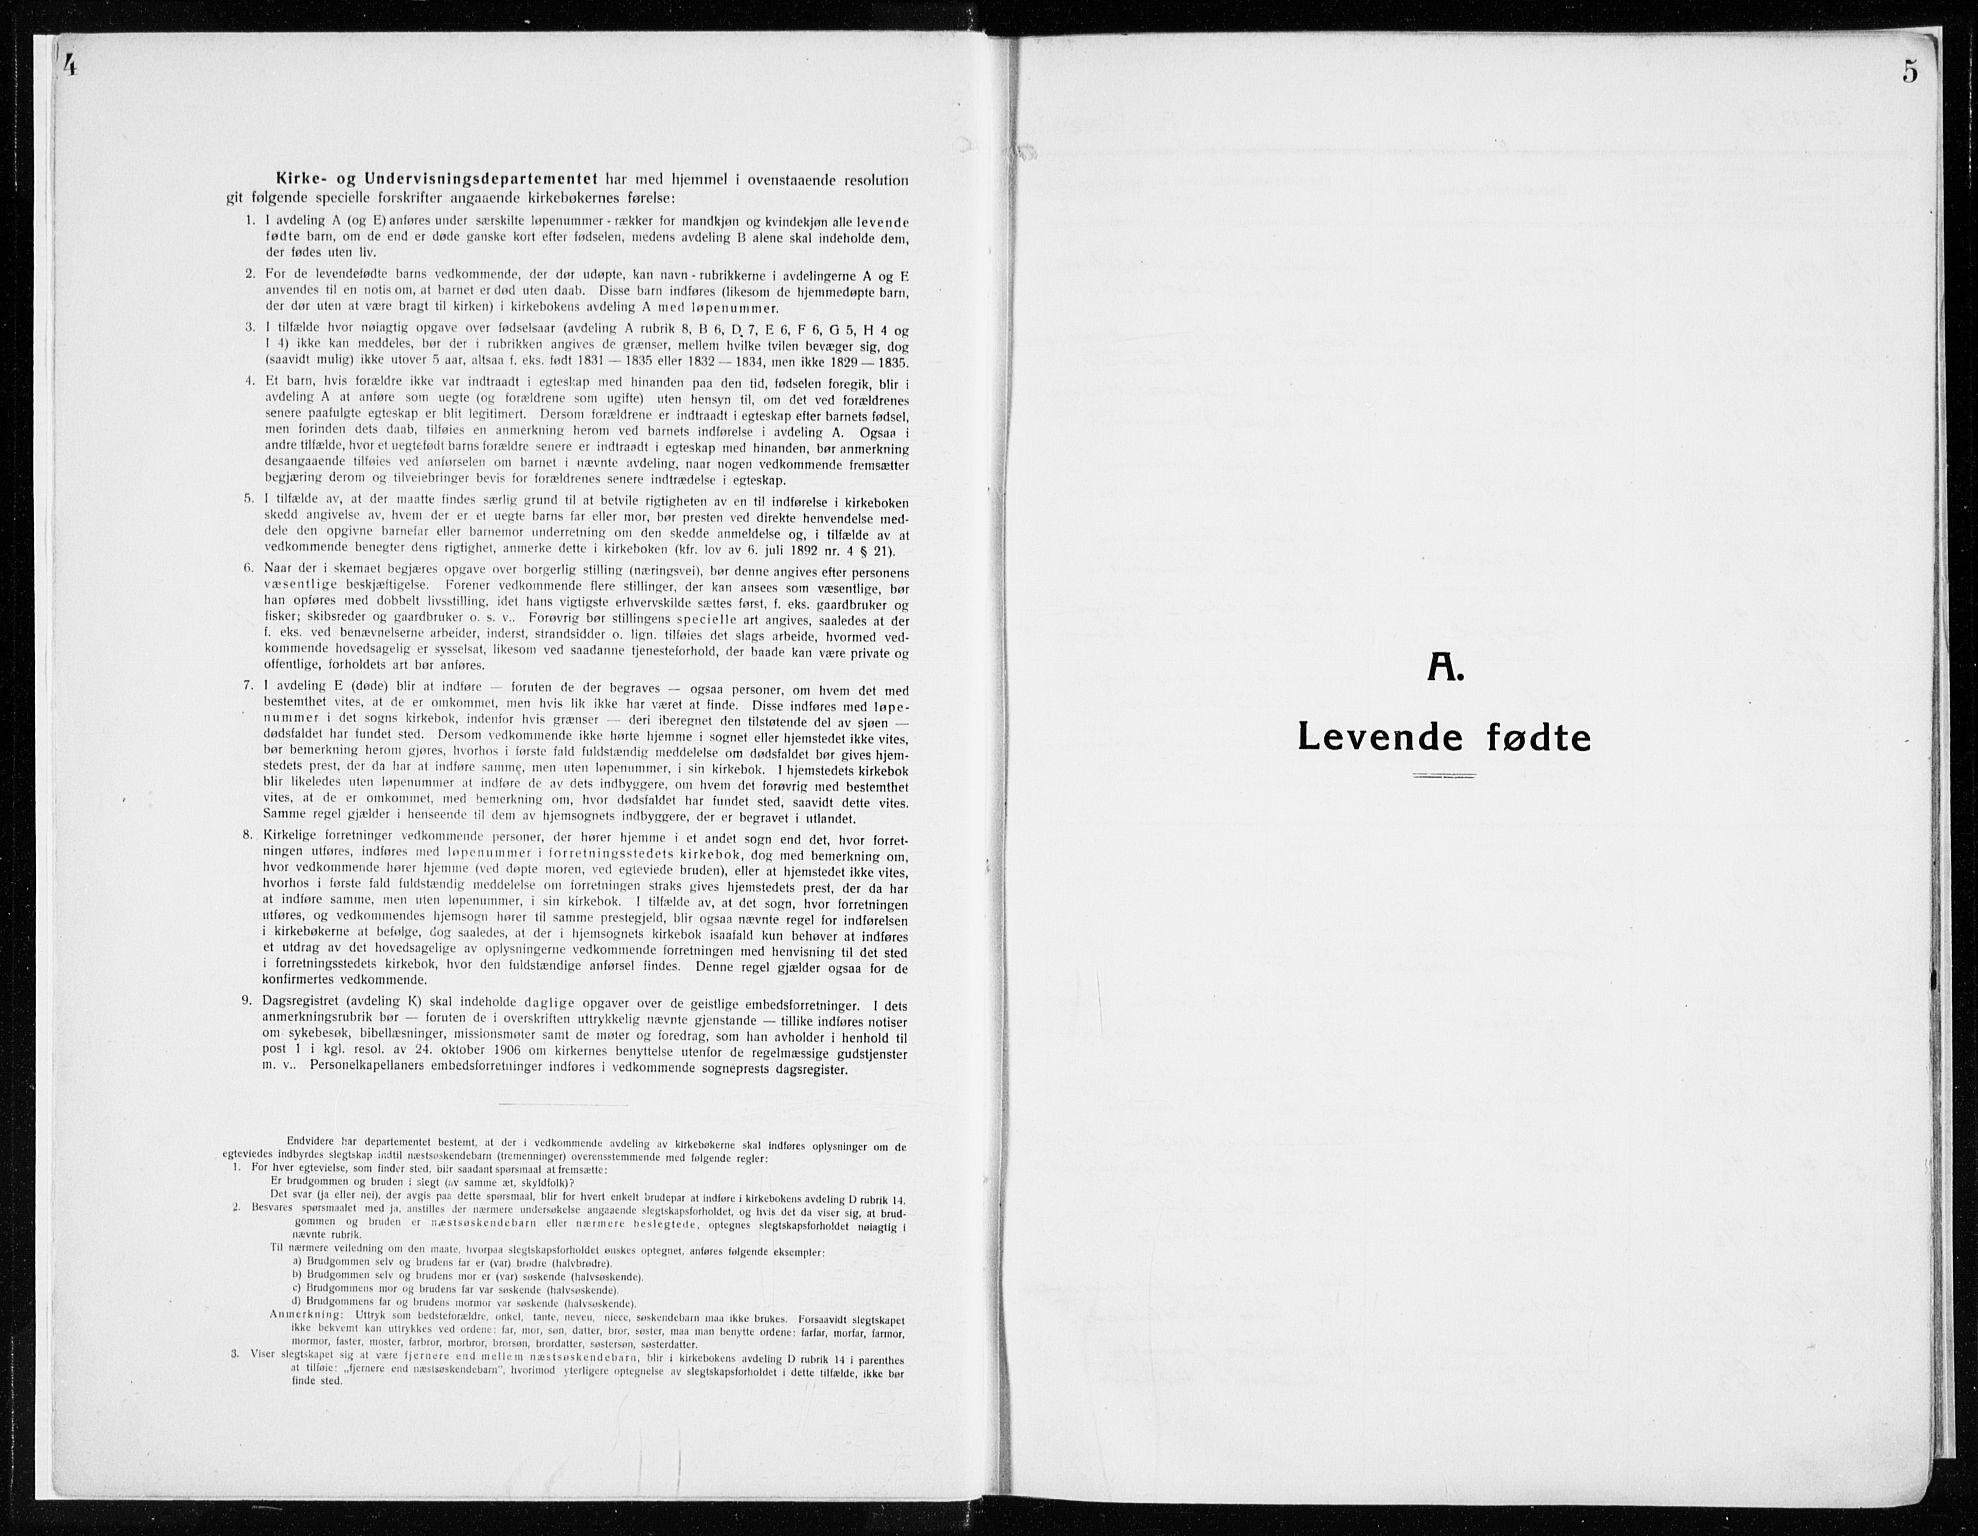 SAH, Ringsaker prestekontor, K/Ka/L0020: Ministerialbok nr. 20, 1913-1922, s. 4-5